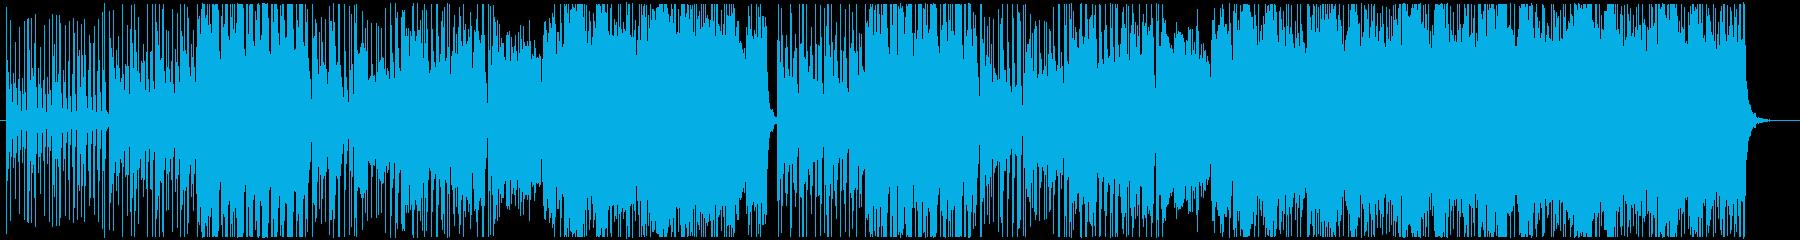 かっこいい変拍子とヴァイオリン生演奏の再生済みの波形